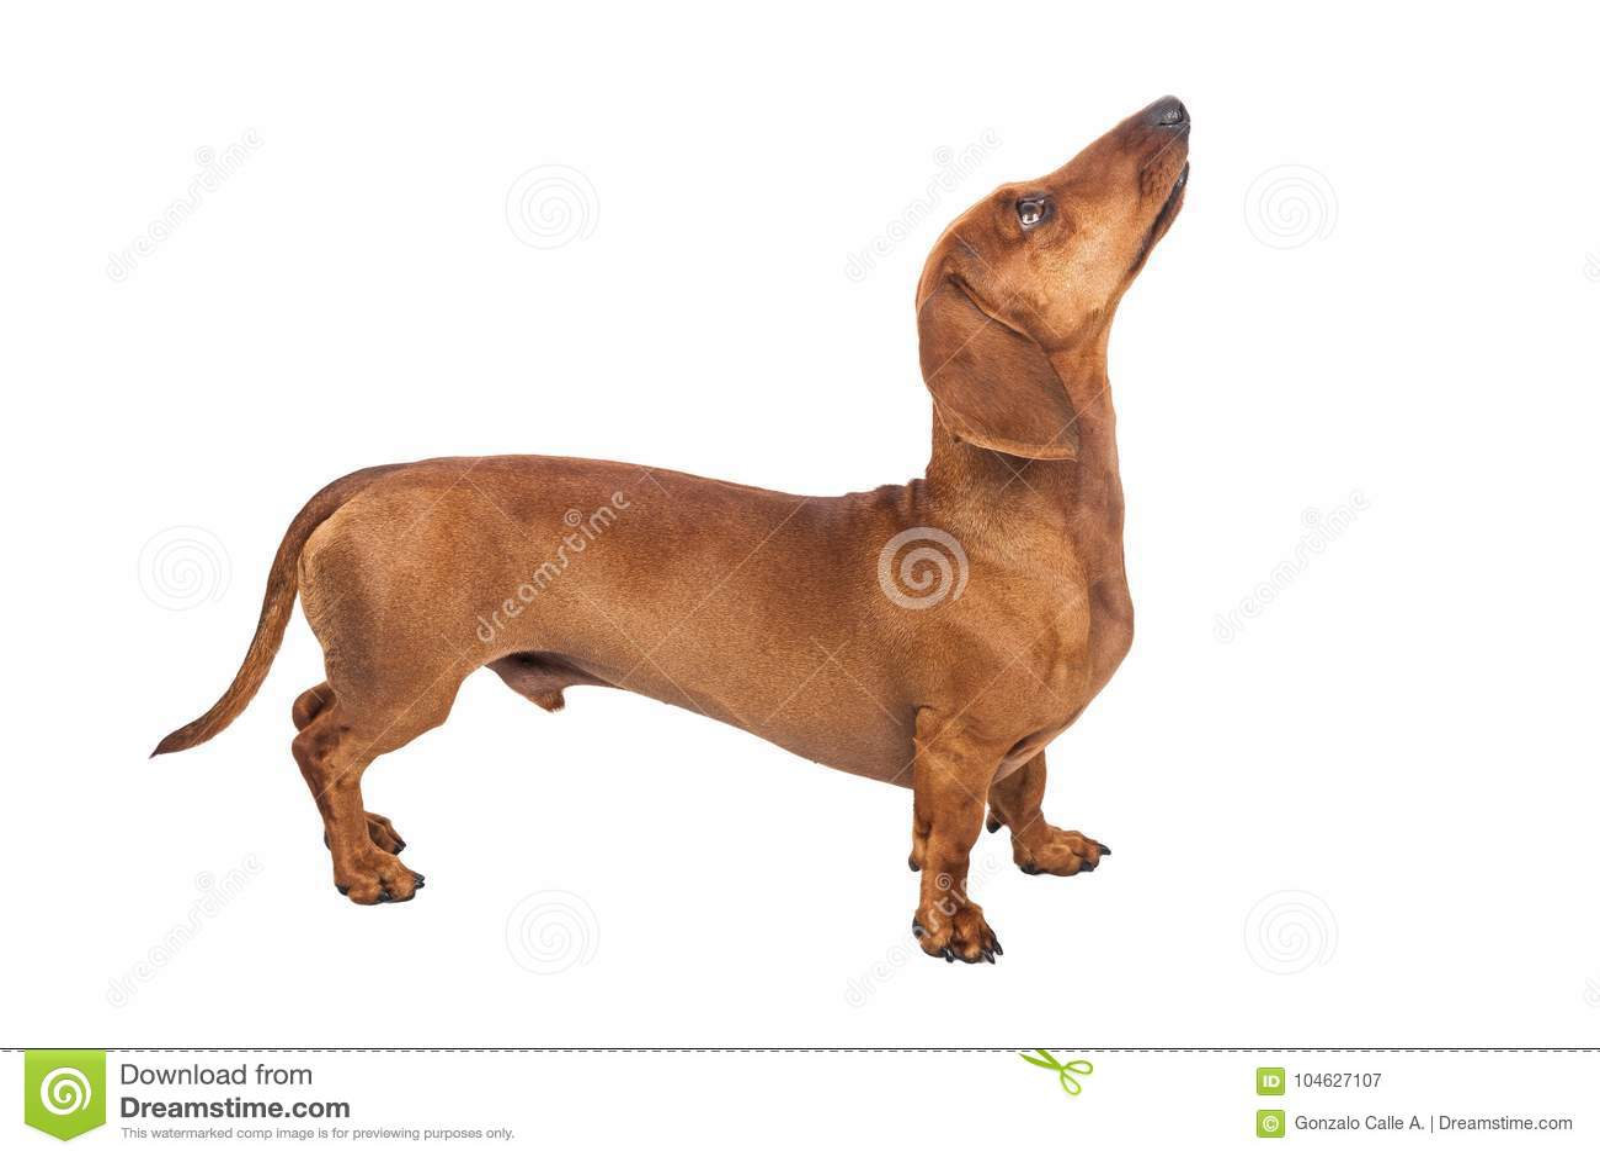 Download De Hond Van De Tekkel Die Over Witte Achtergrond Wordt Geïsoleerdh Stock Afbeelding - Afbeelding bestaande uit bruin, haar: 104627107